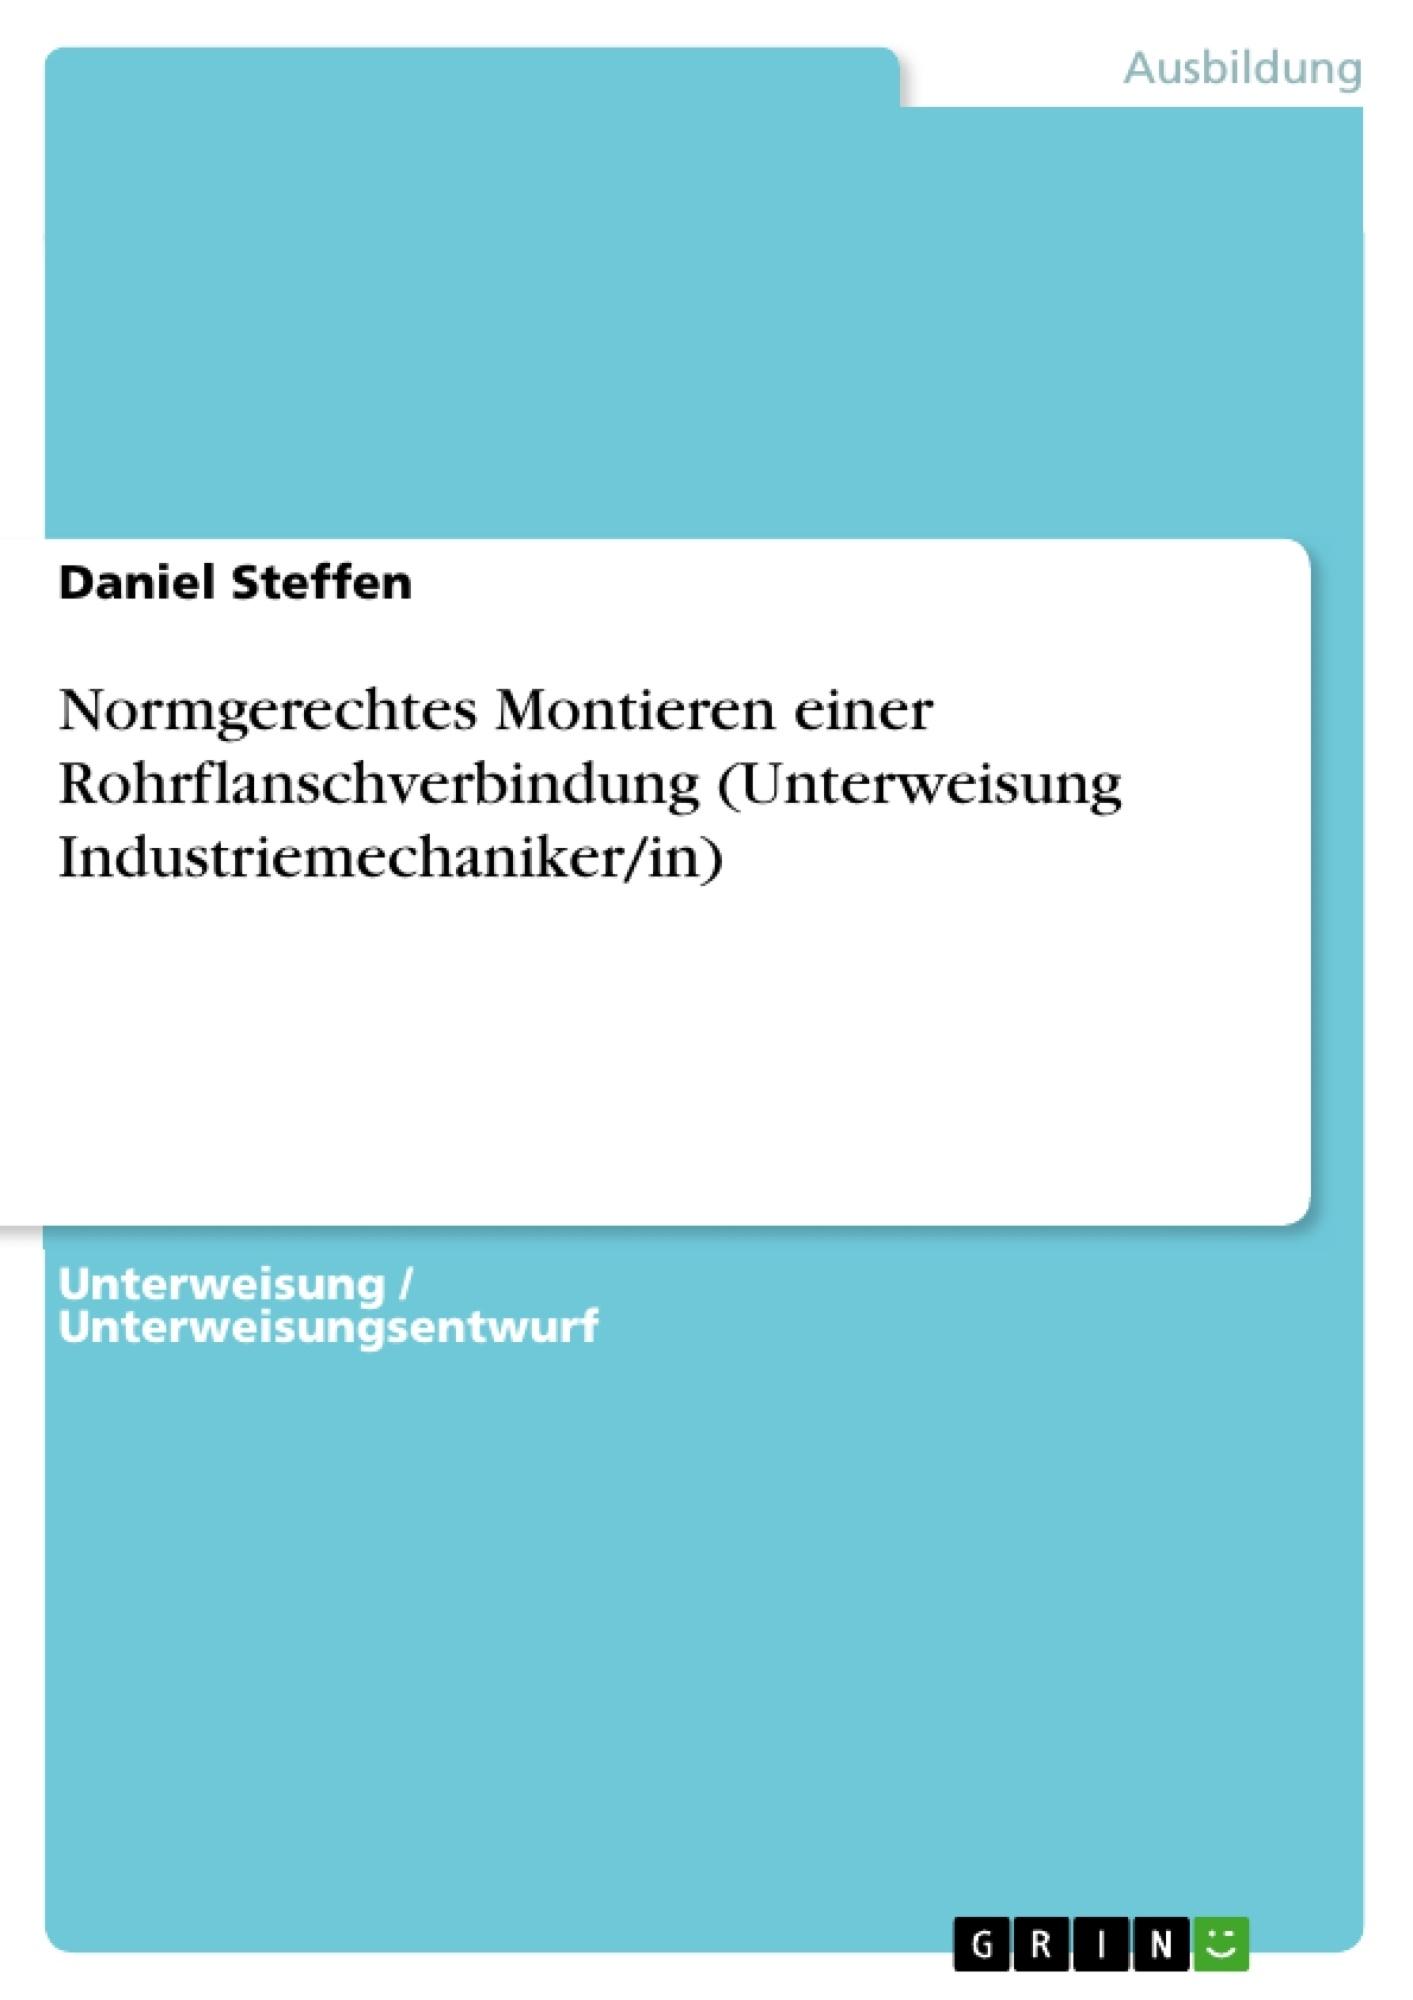 Titel: Normgerechtes Montieren einer Rohrflanschverbindung (Unterweisung Industriemechaniker/in)